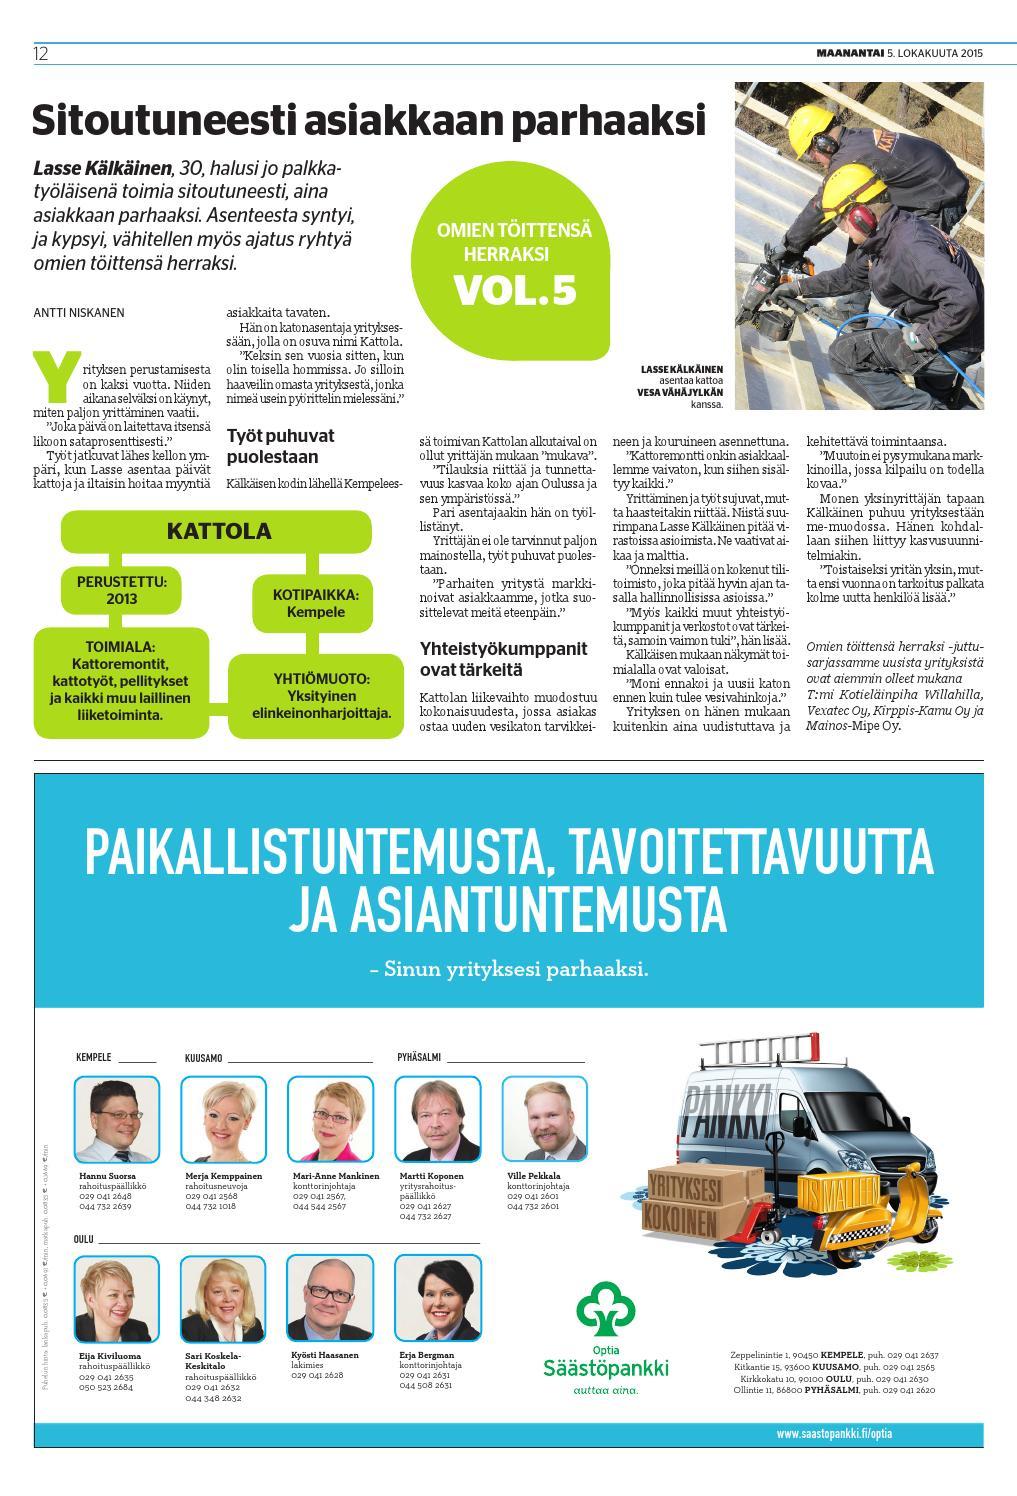 Lasse Kälkäinen